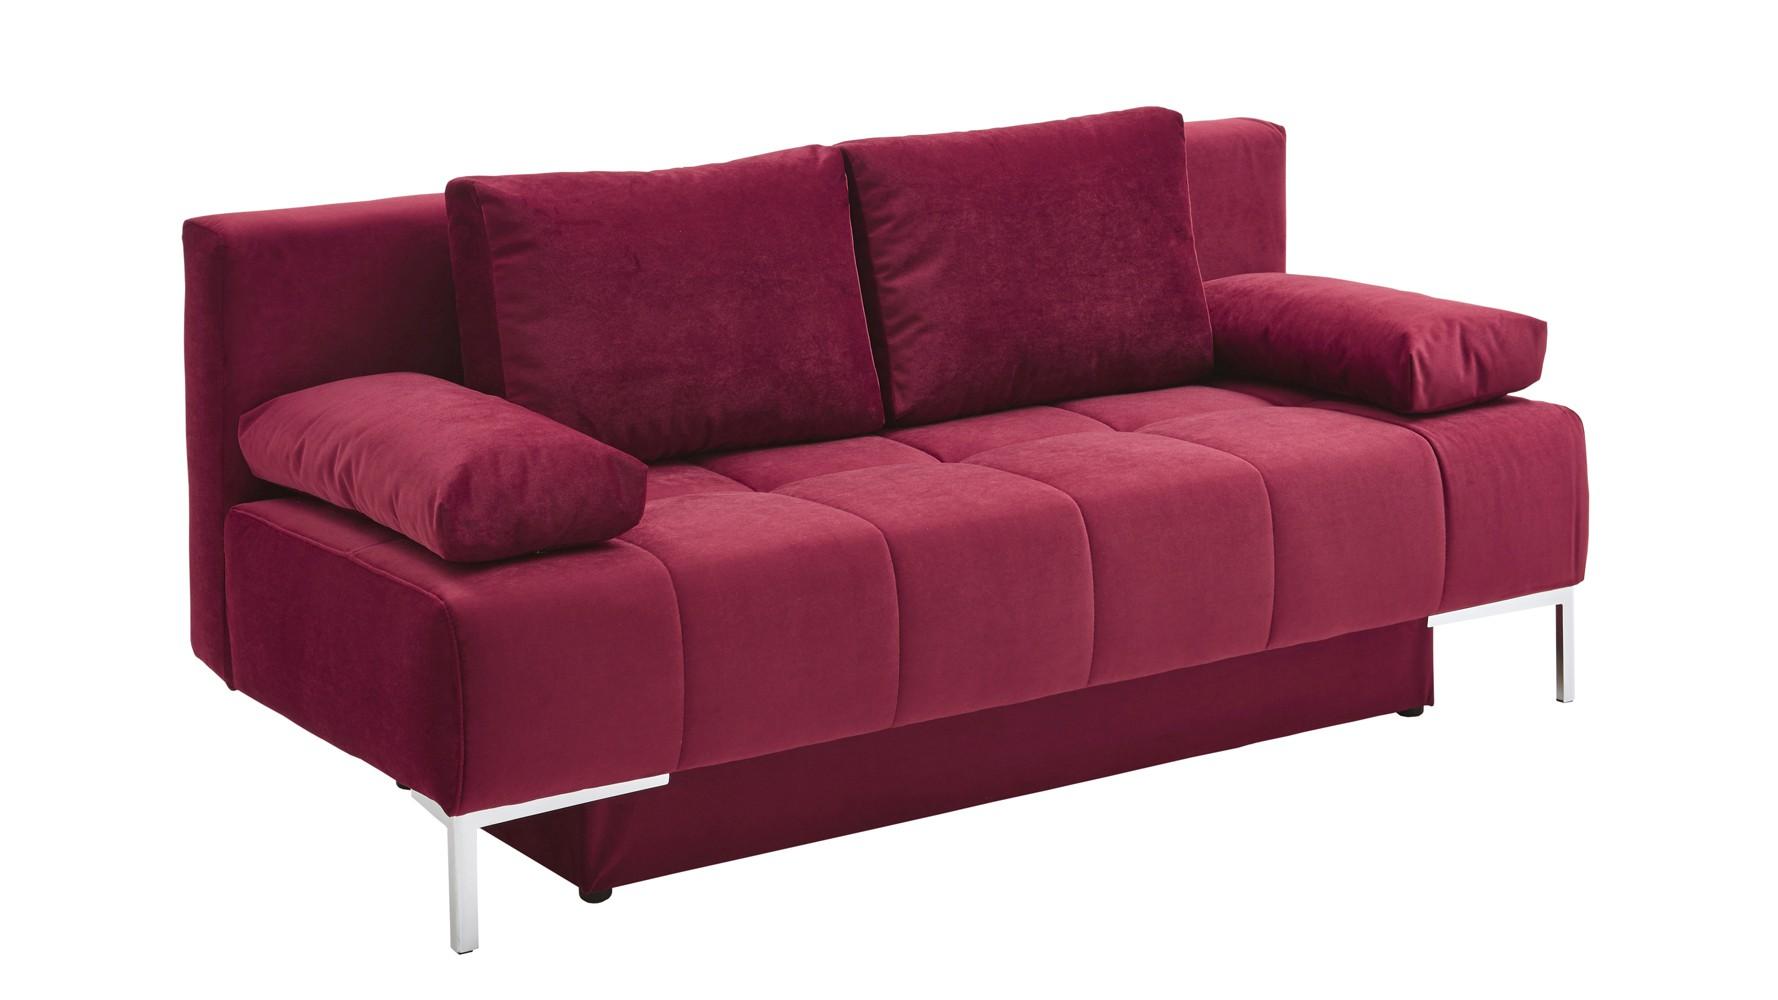 modernes schlafsofa uwe querschl fer mit bettkasten weinrot. Black Bedroom Furniture Sets. Home Design Ideas